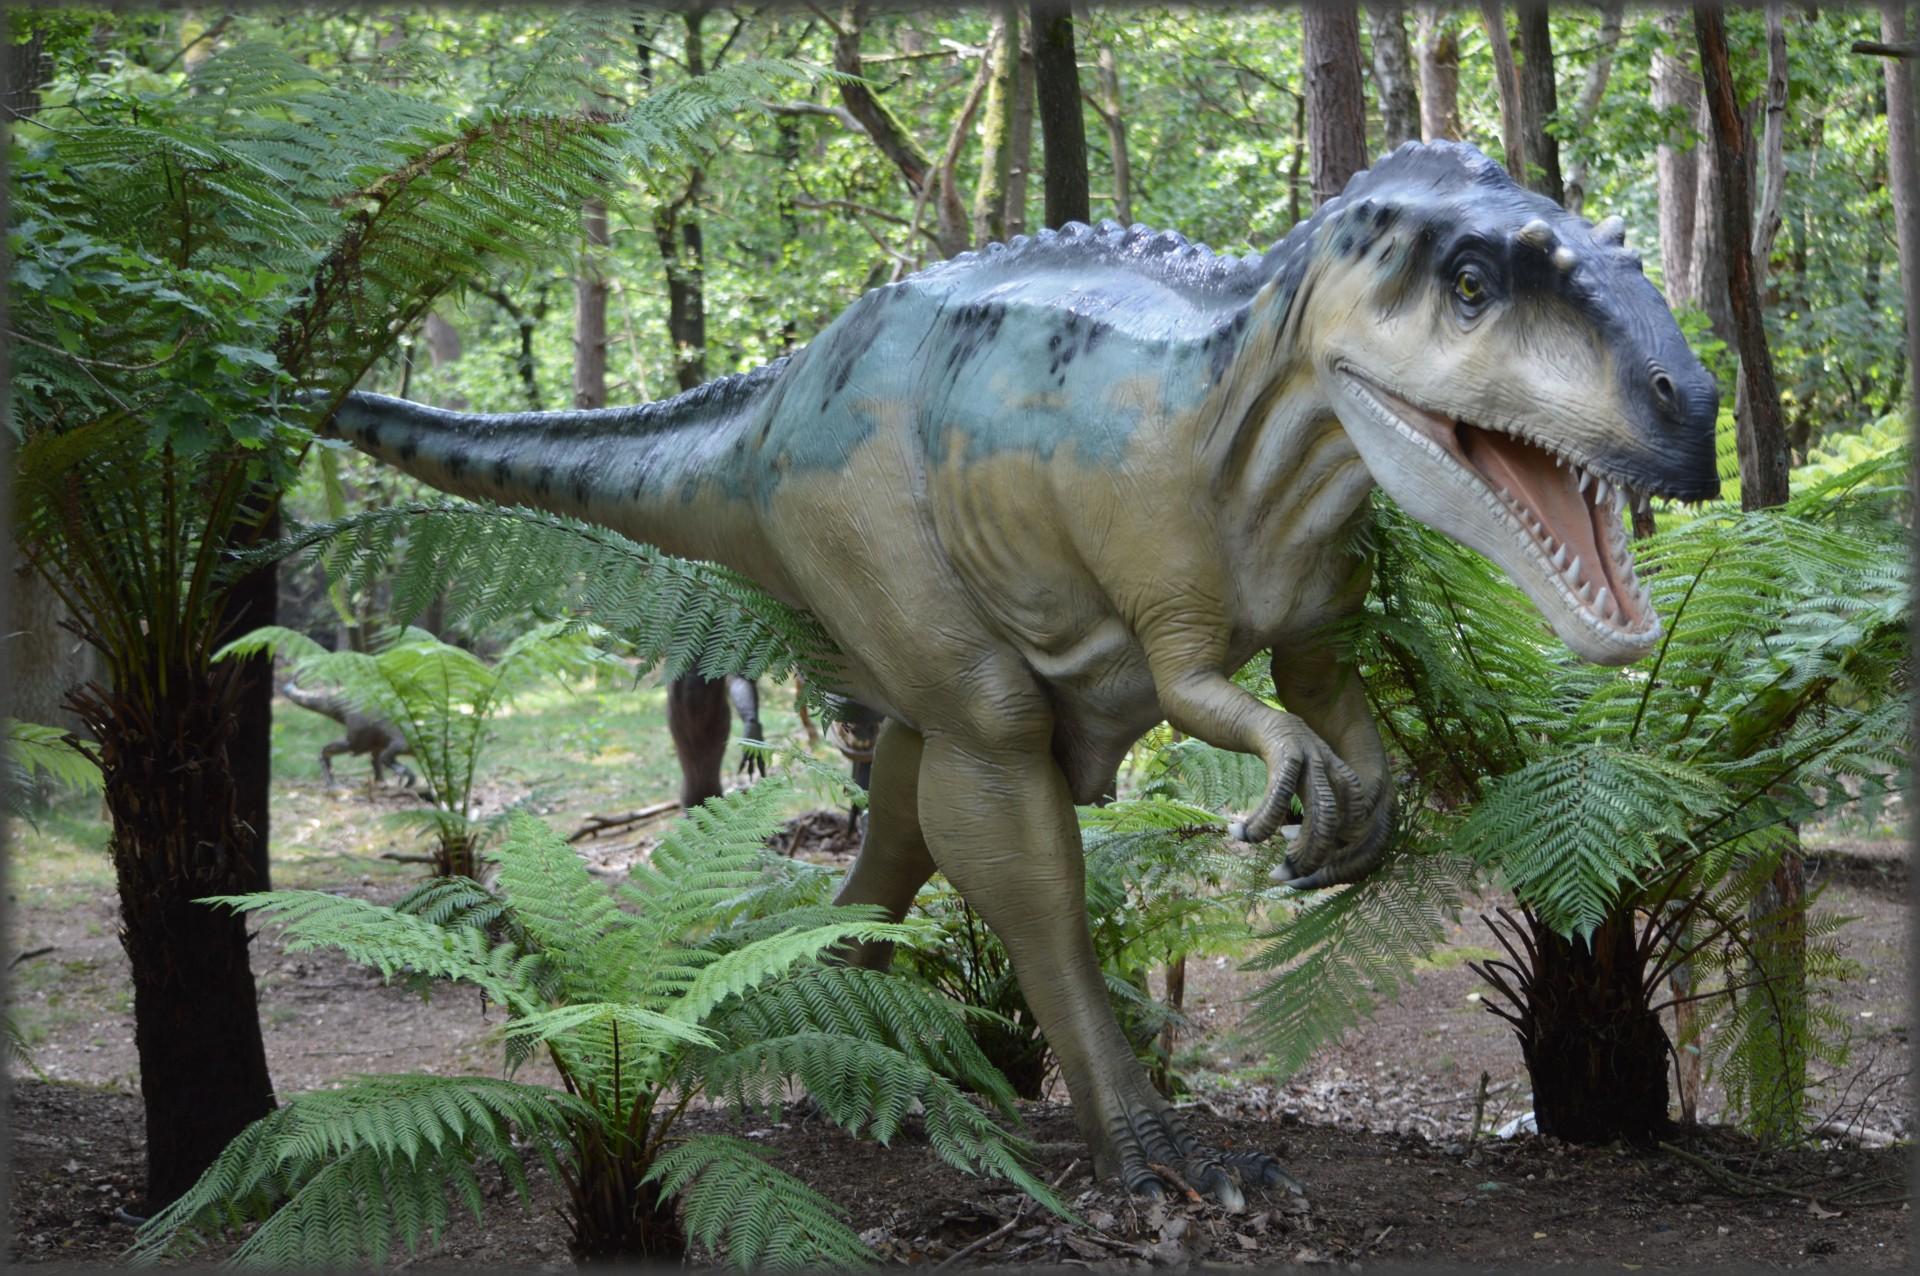 La tecnologia può aiutarci a scoprire di più sugli animali preistorici?